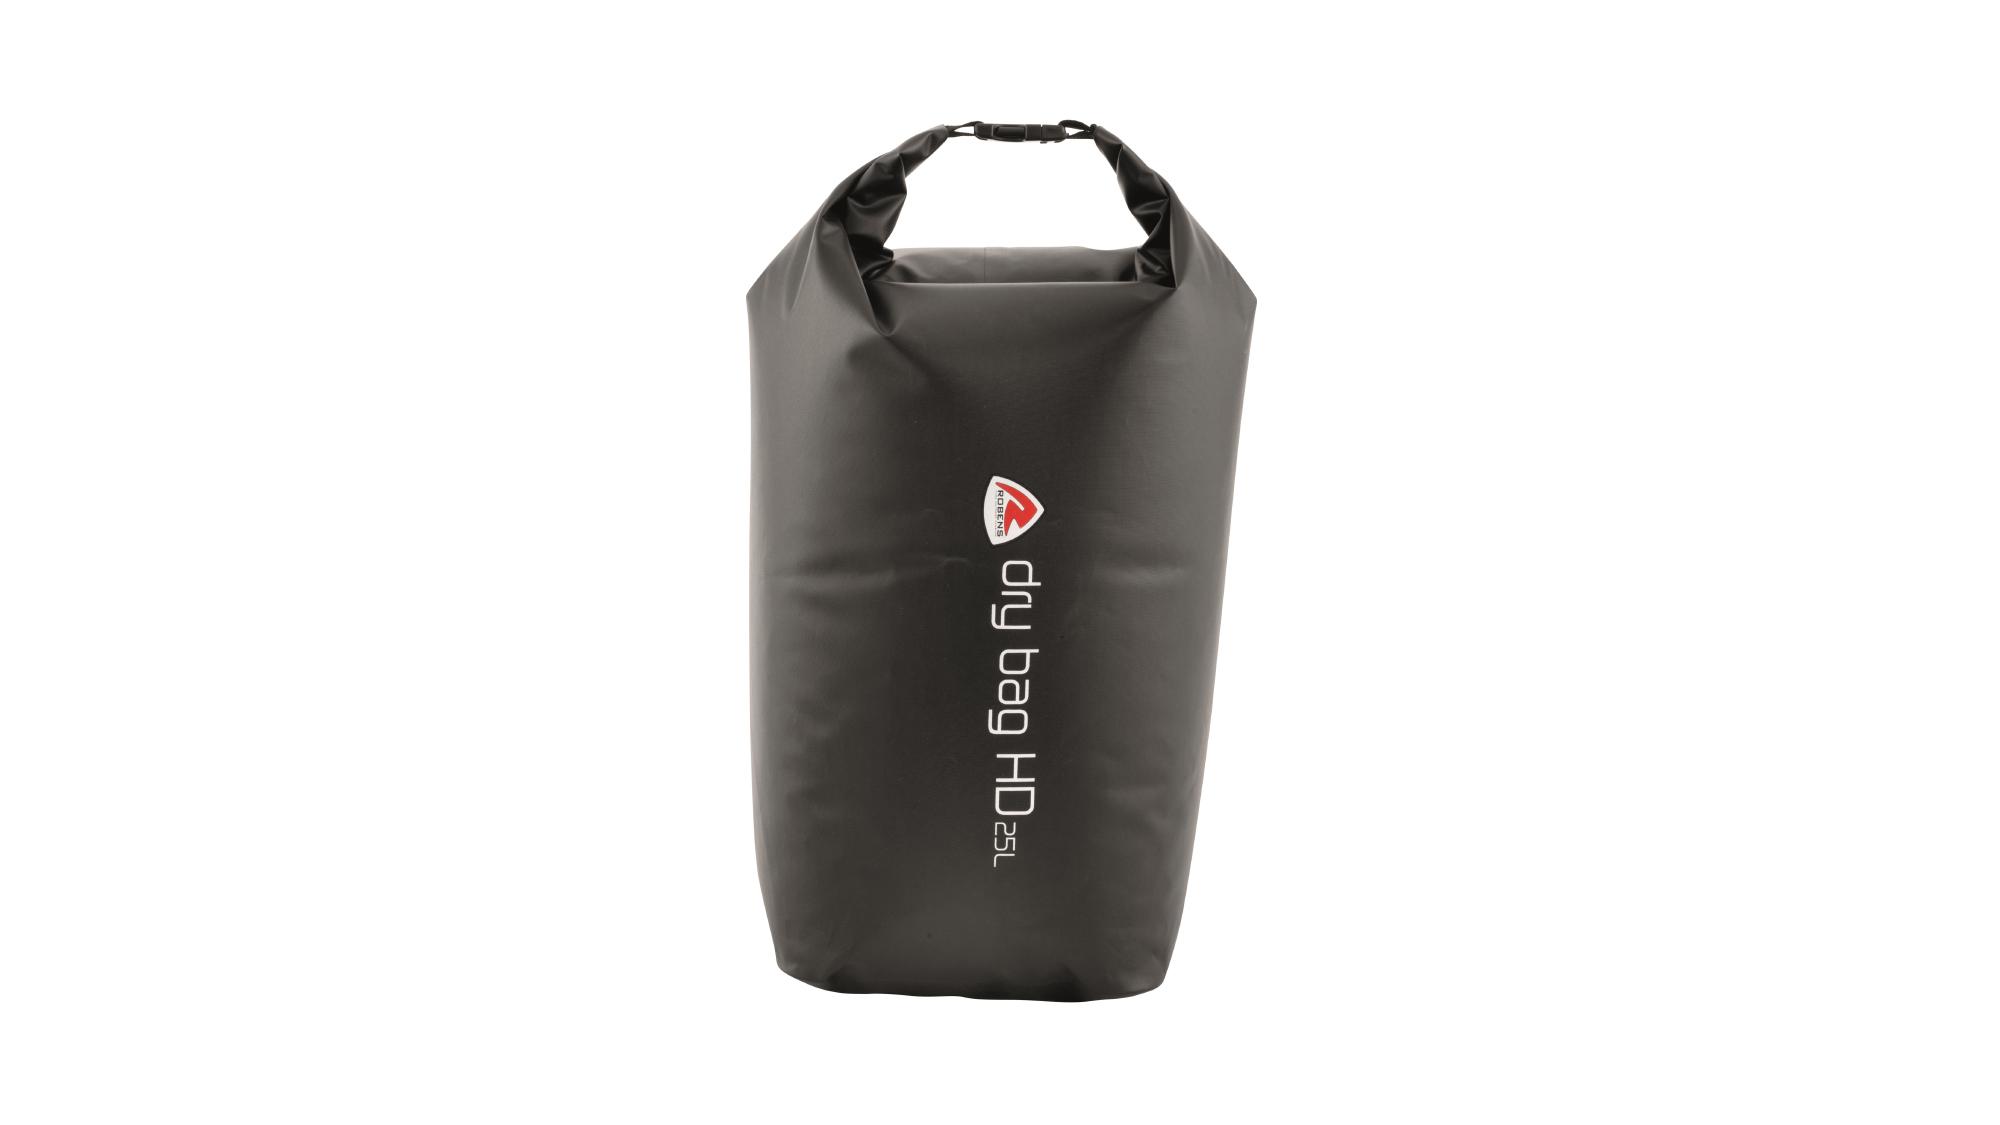 Robens - Vandtæt dry bag - 25 liter - Sort   Travel bags